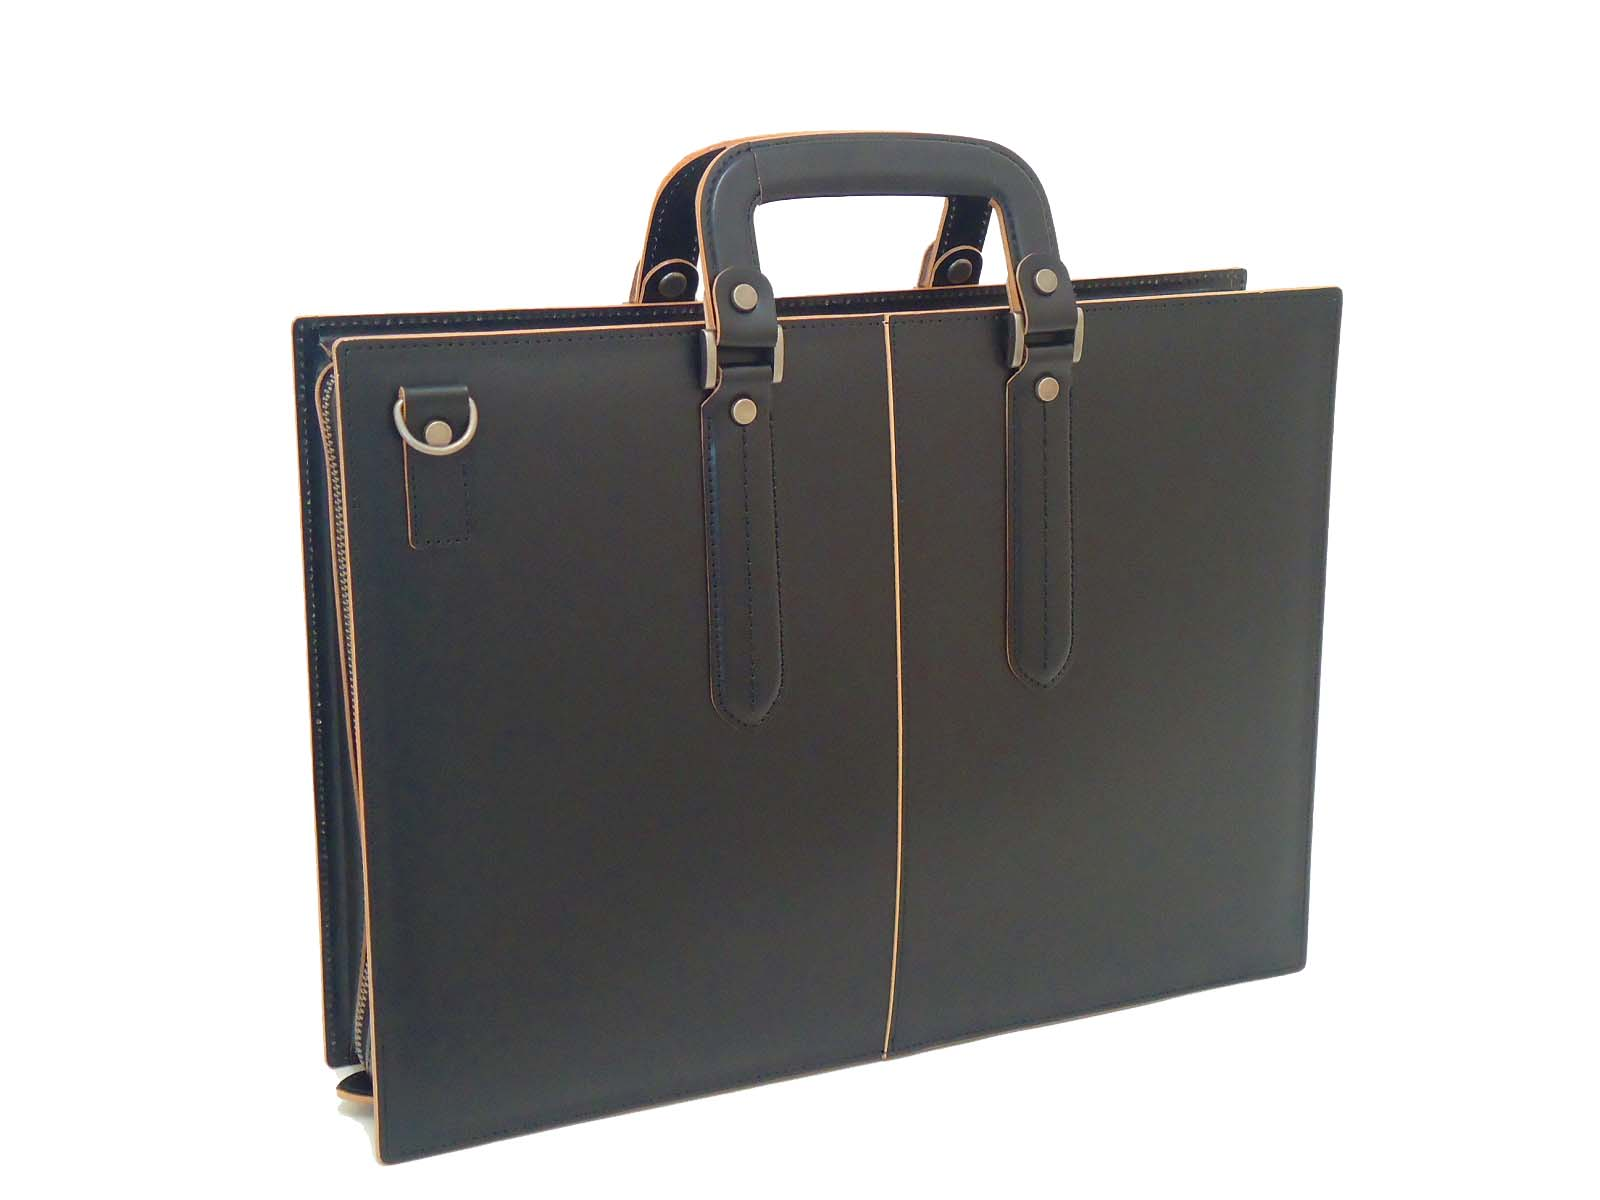 青木鞄 COMPLEX GARDENS コンプレックスガーデンズ 枯淡(コタン) メンズ ブリーフ ビジネスバッグ 3703